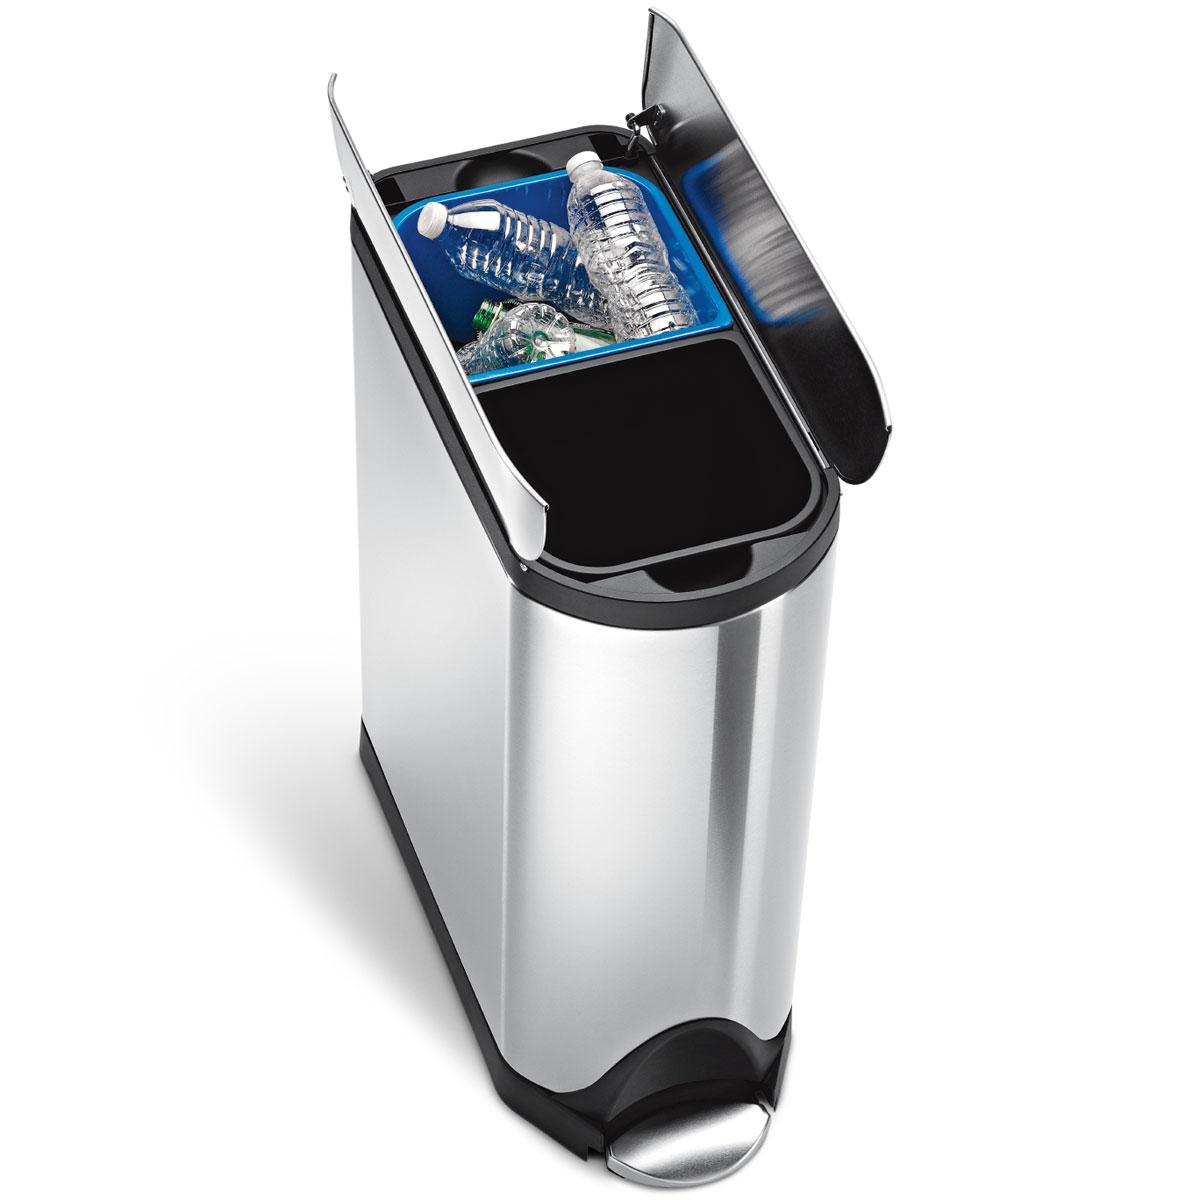 simplehuman ゴミ箱 バタフライステップカン ダストボックス ごみ箱 シルバー ペダル式 フタ付き 両開き開閉 キッチンなどに シンプルヒューマン 正規品 1年間メーカー保証付き ゴミ箱 CW2017 40リットル(20L+20L)分別タイプ